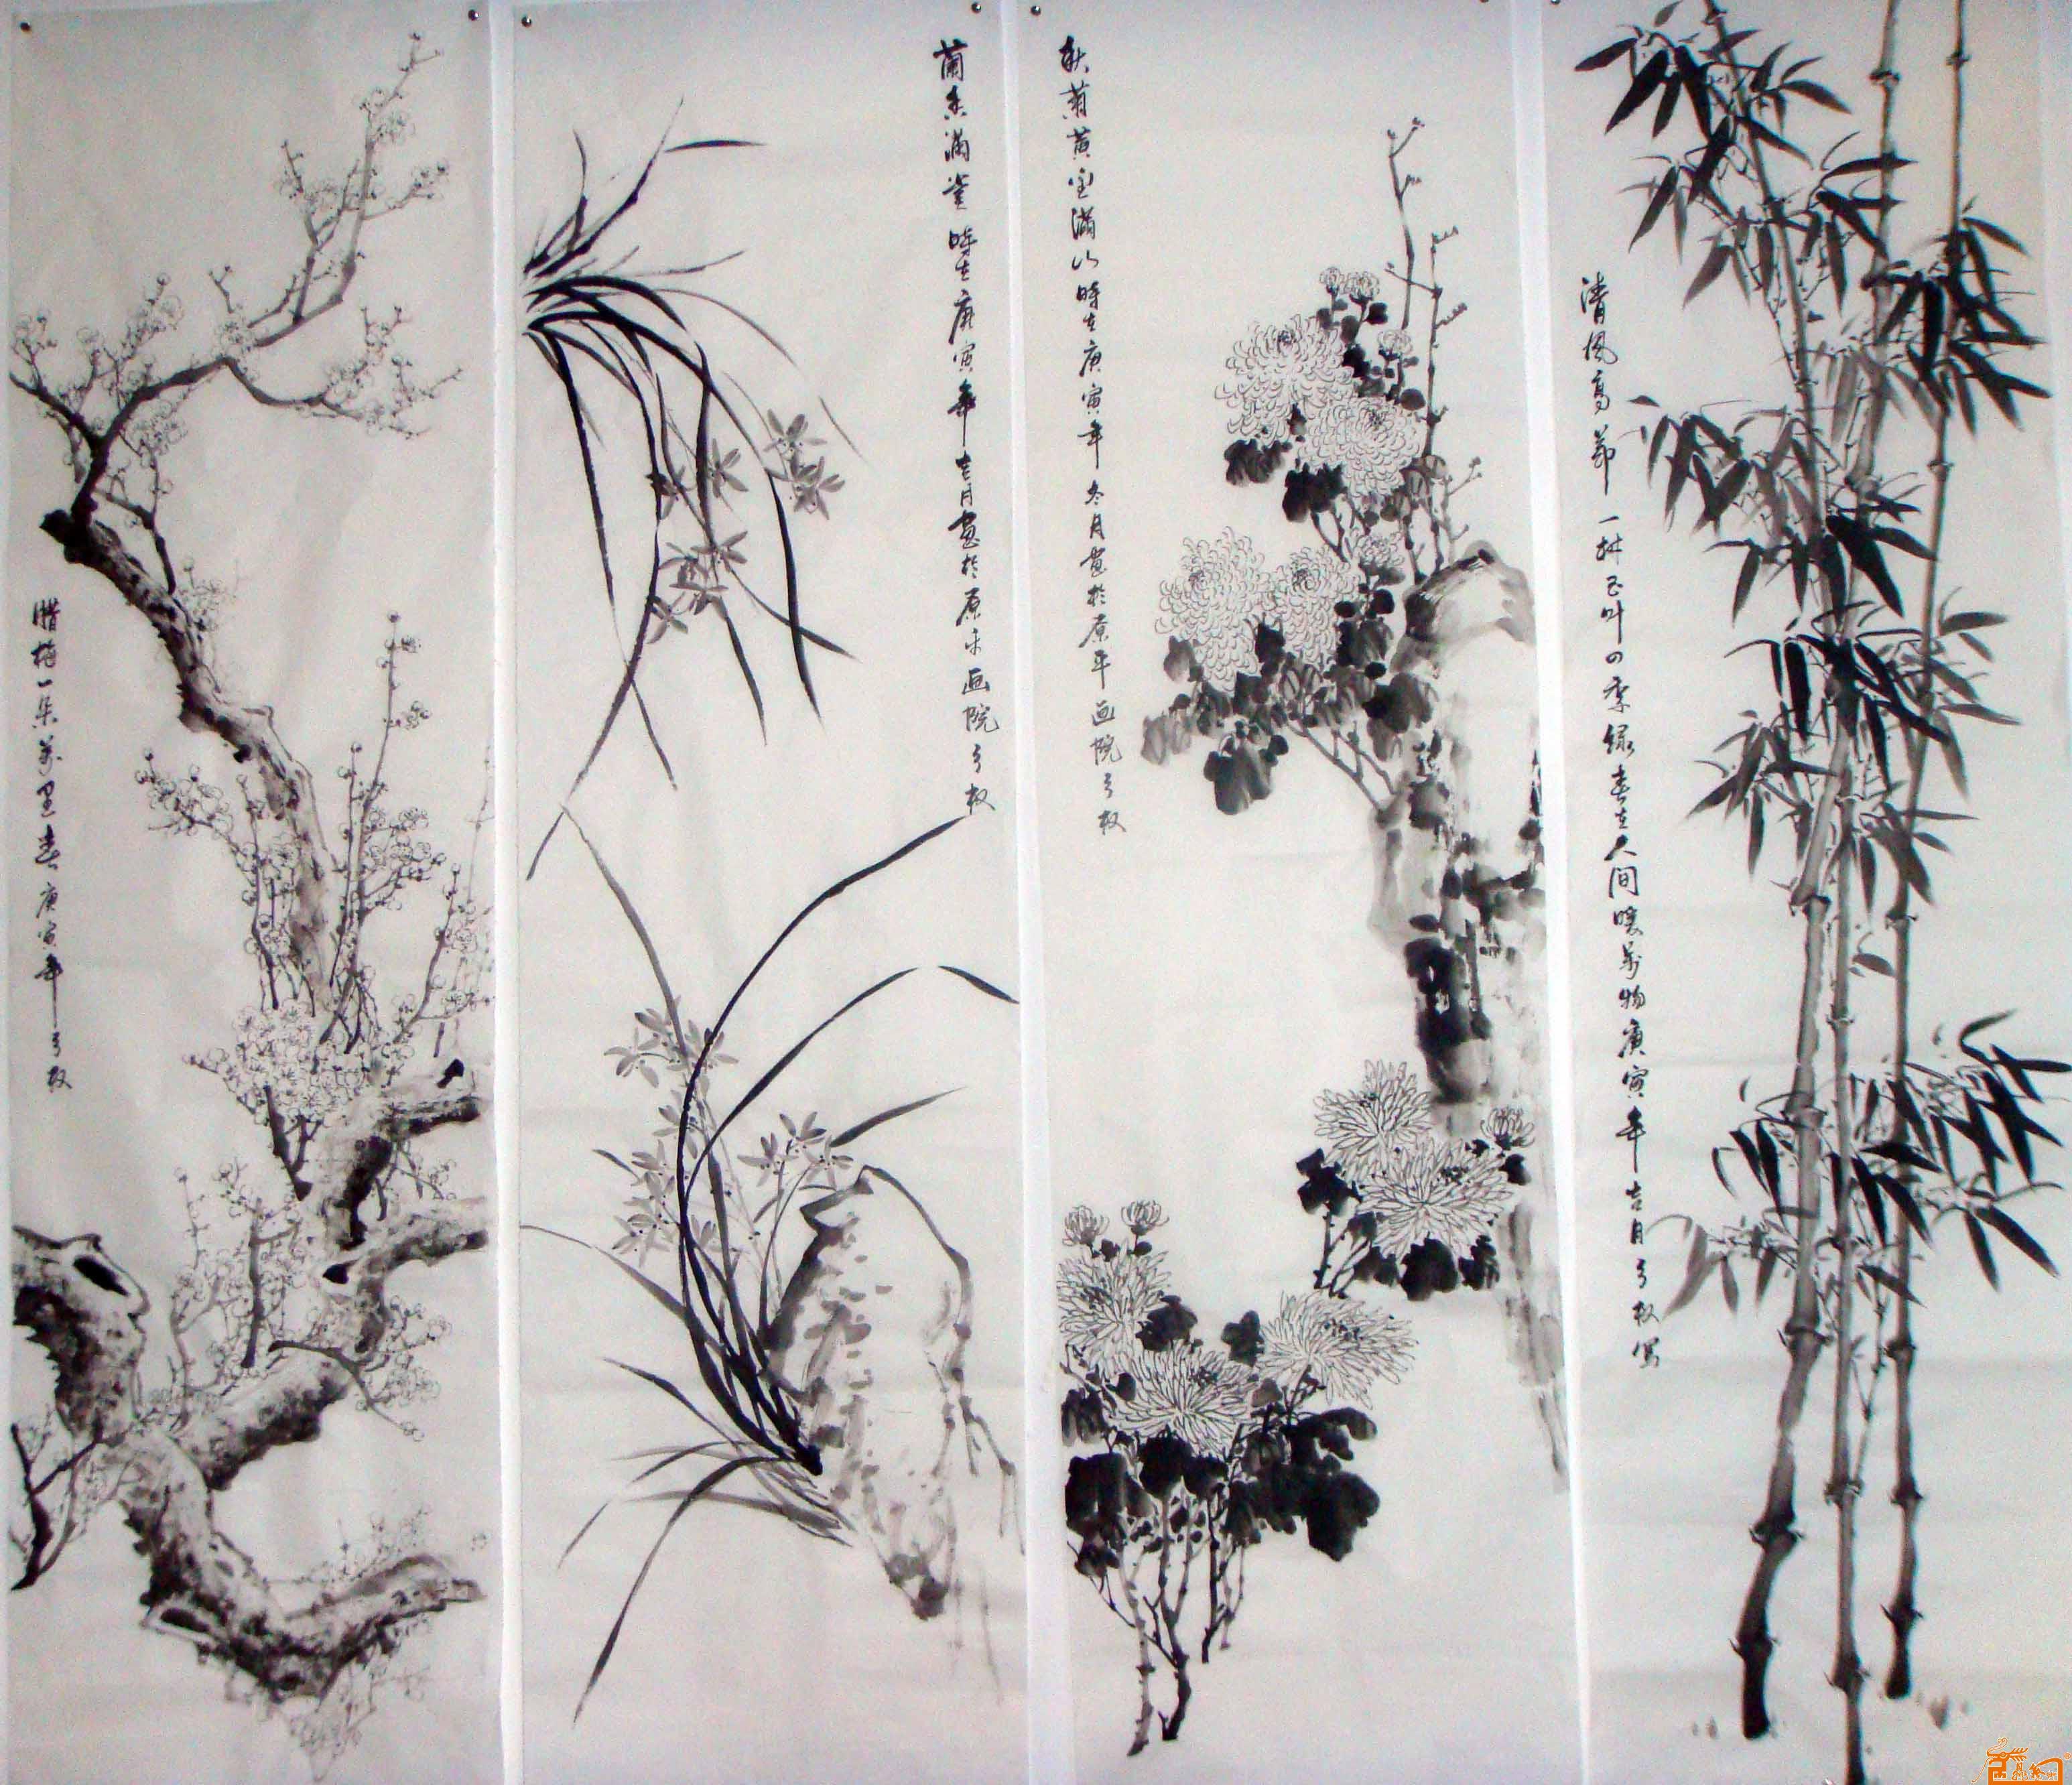 权 淘宝 名人字画 中国书画交易中心 中国书画销售中心 中国书画拍卖